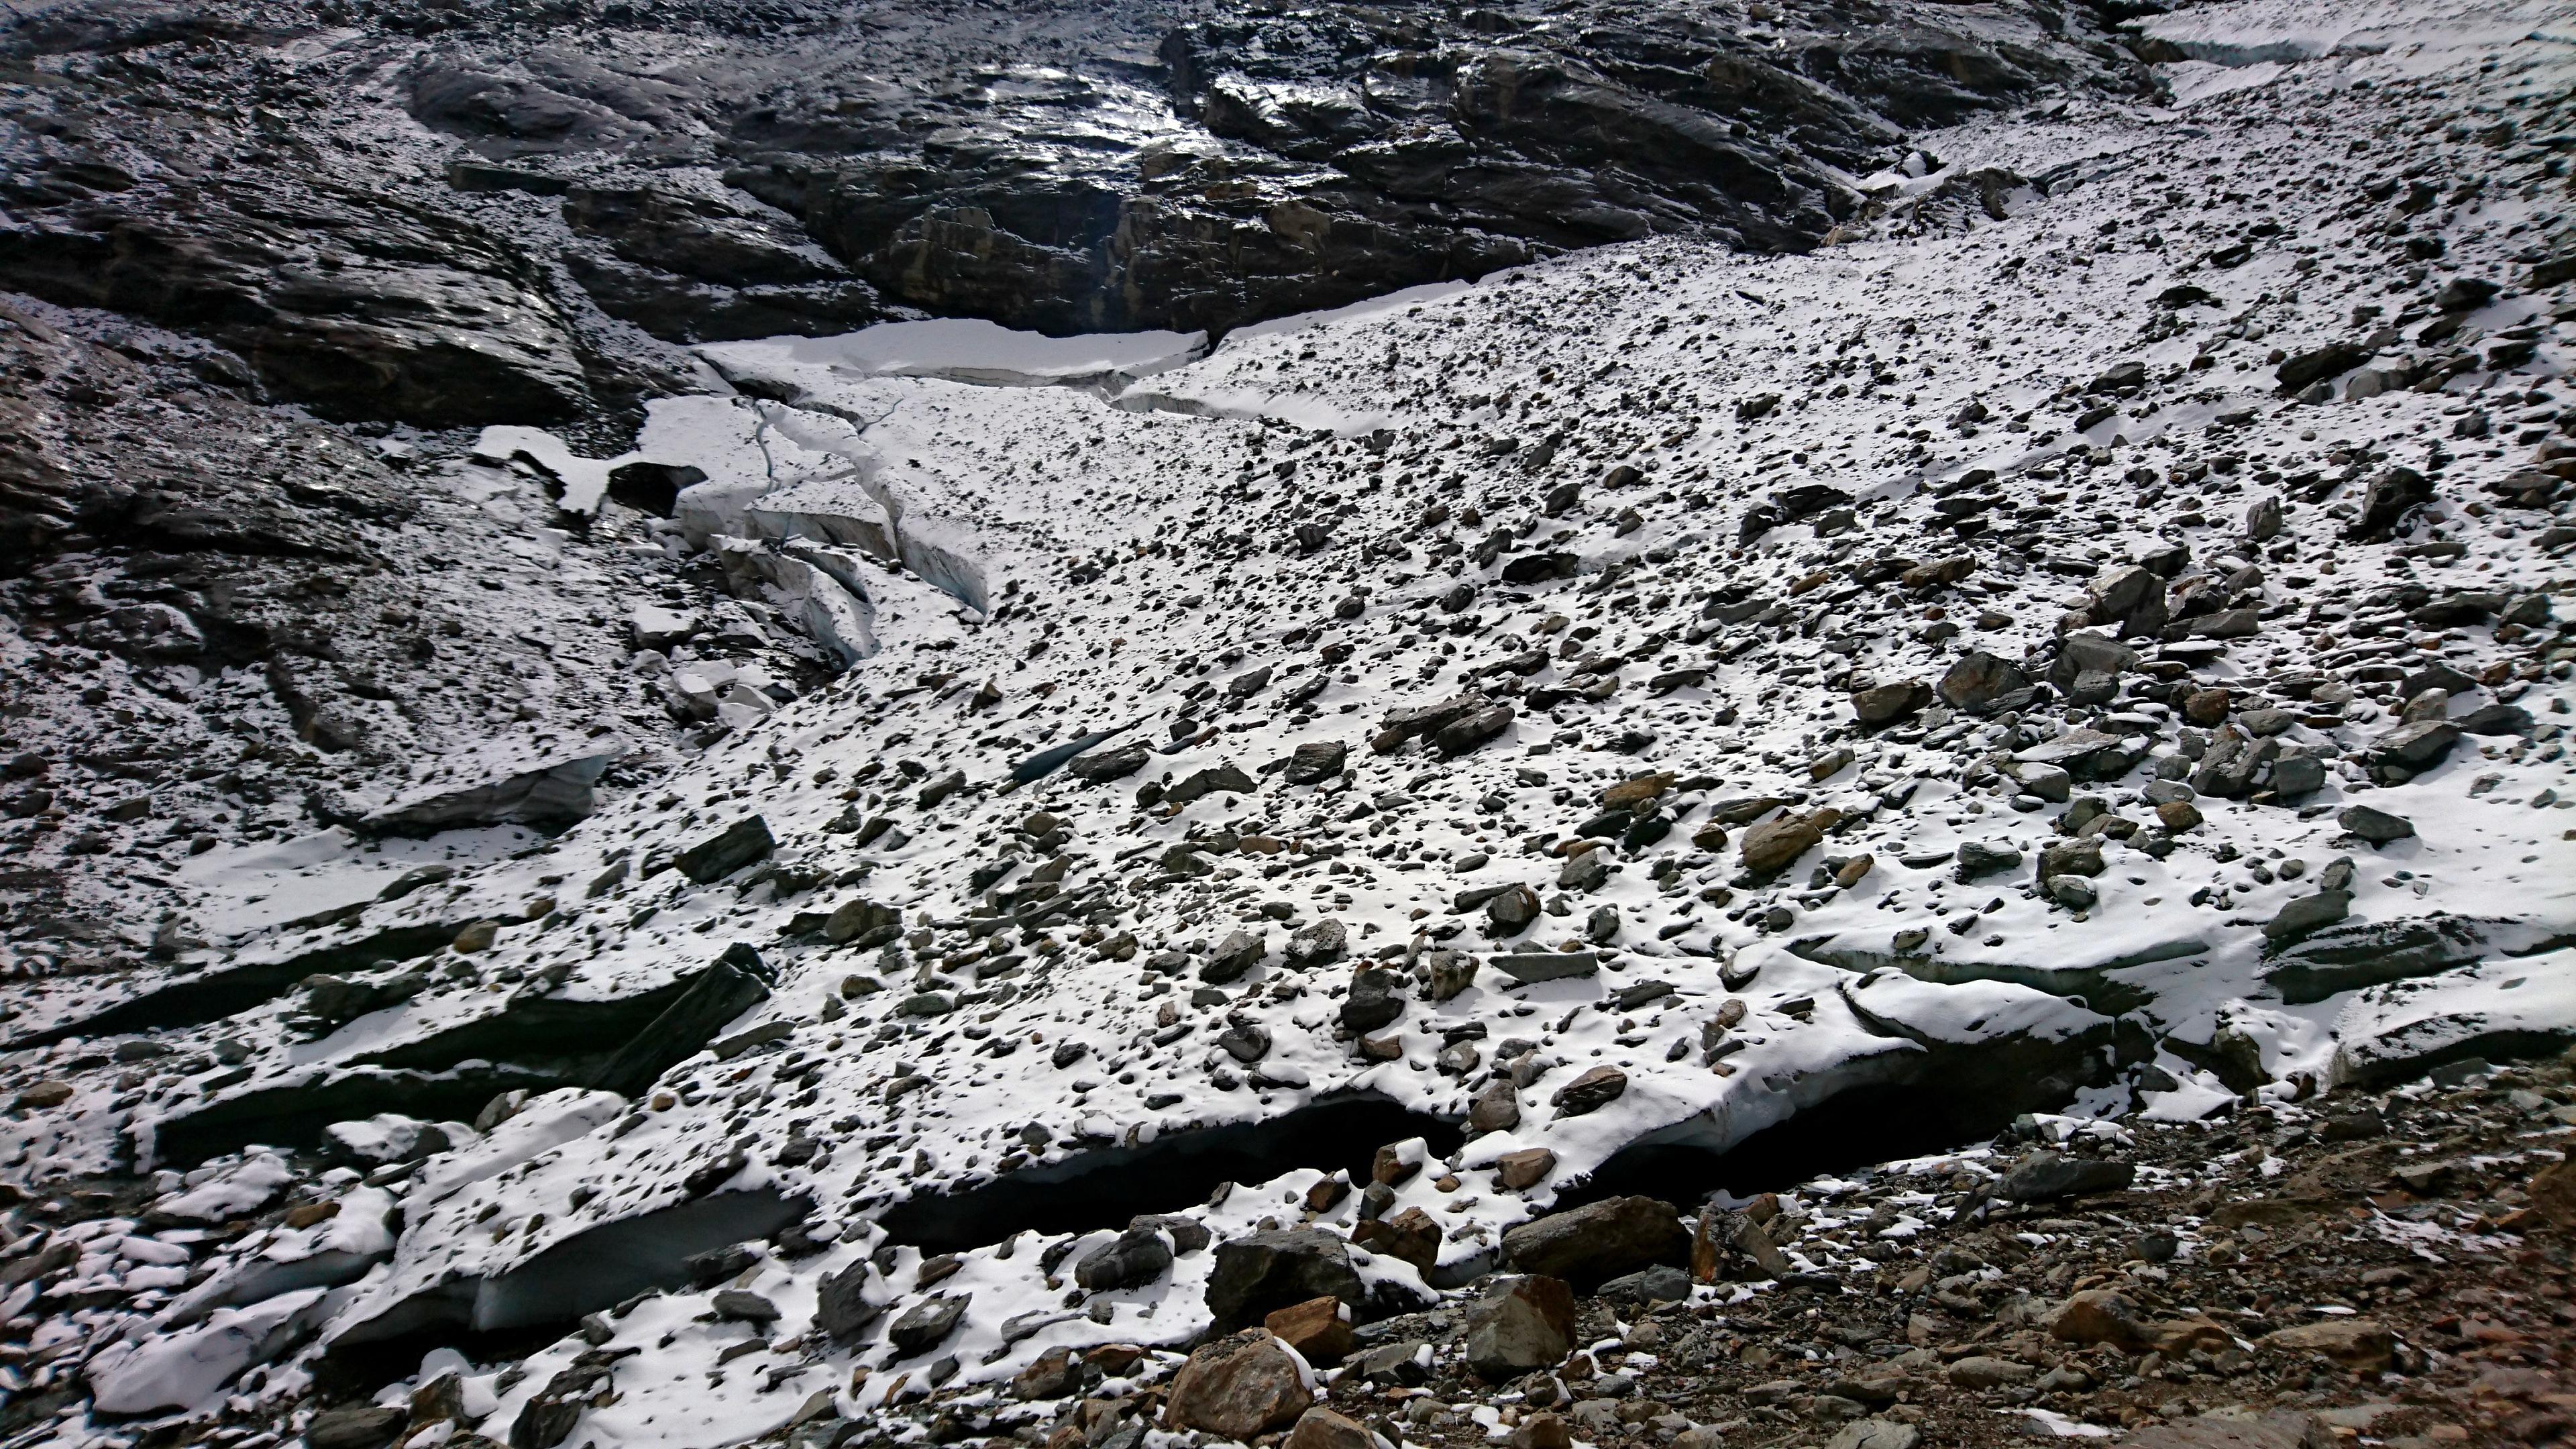 risaliamo tenendoci alla destra (faccia a monte) del ghiacciaio